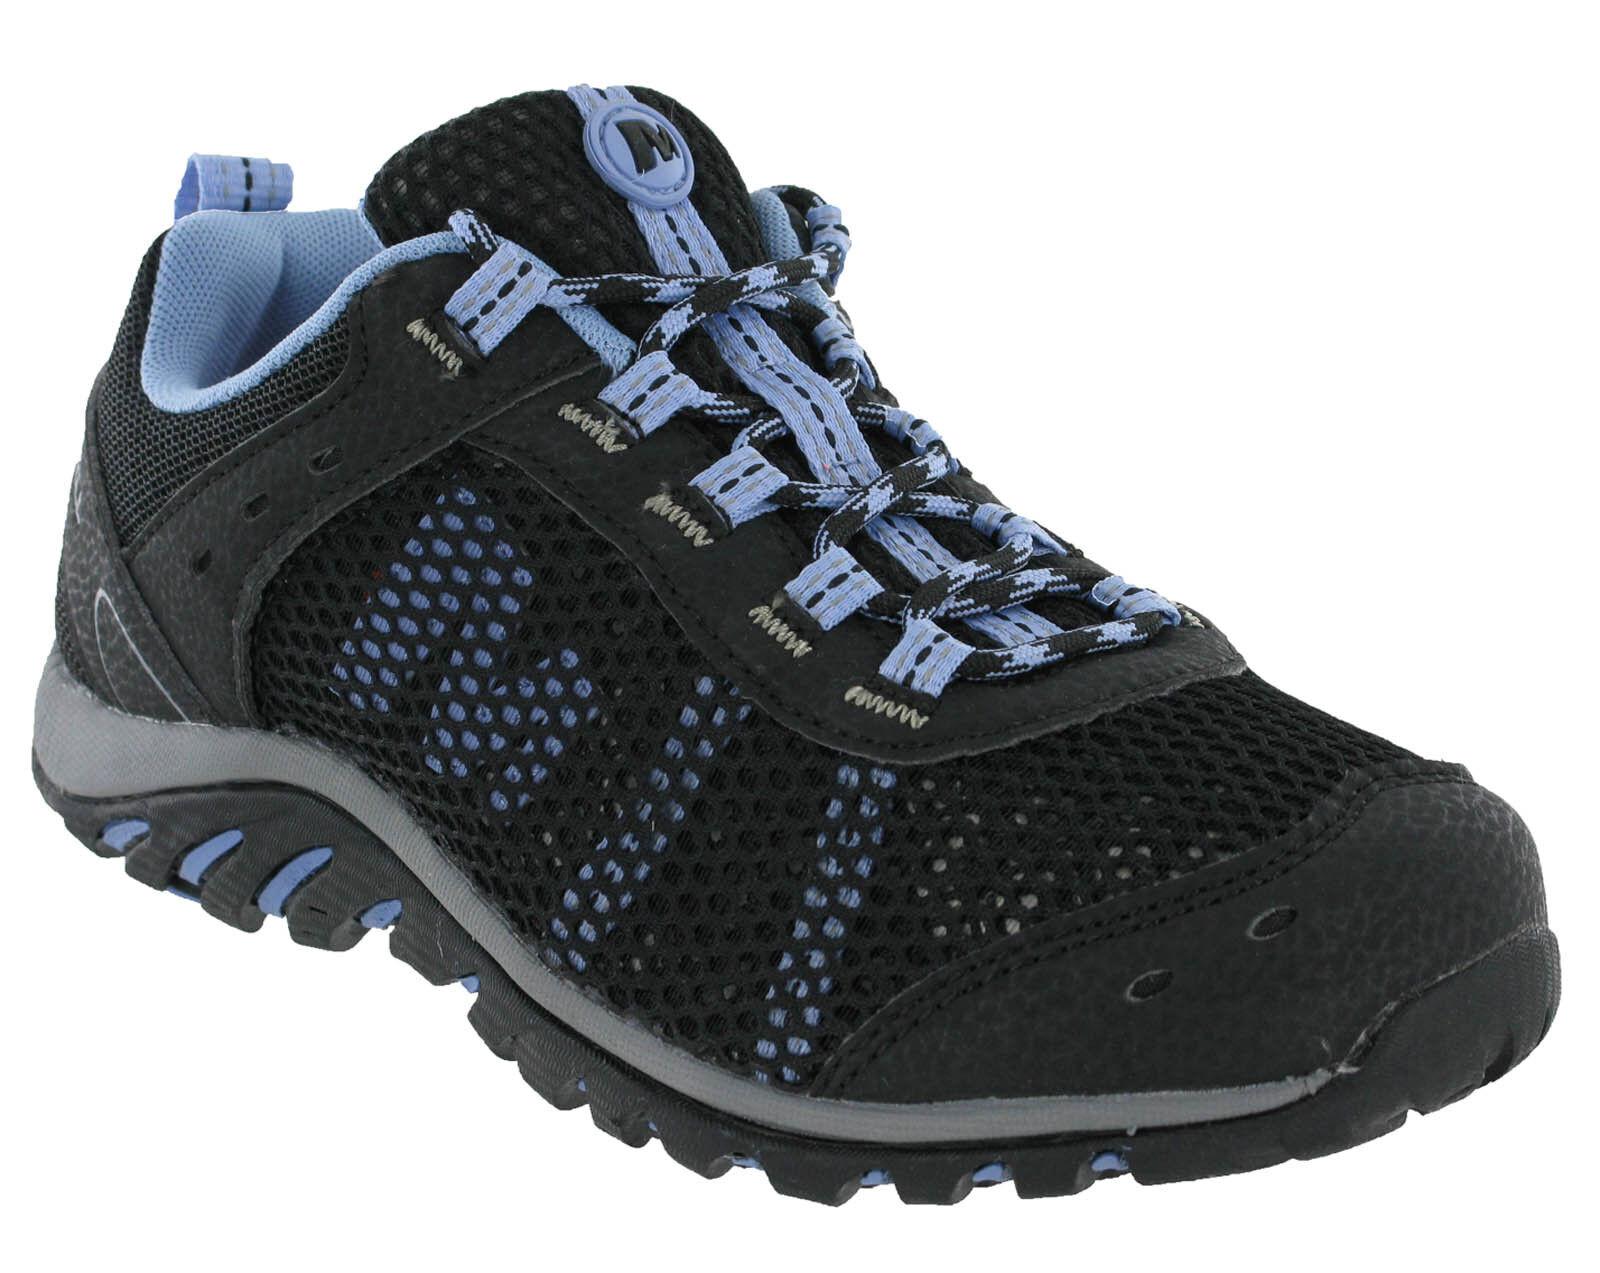 Zapatos promocionales para hombres y mujeres Merrell TARIM Malla Running Negro Con Cordones Lavanda SENDERISMO